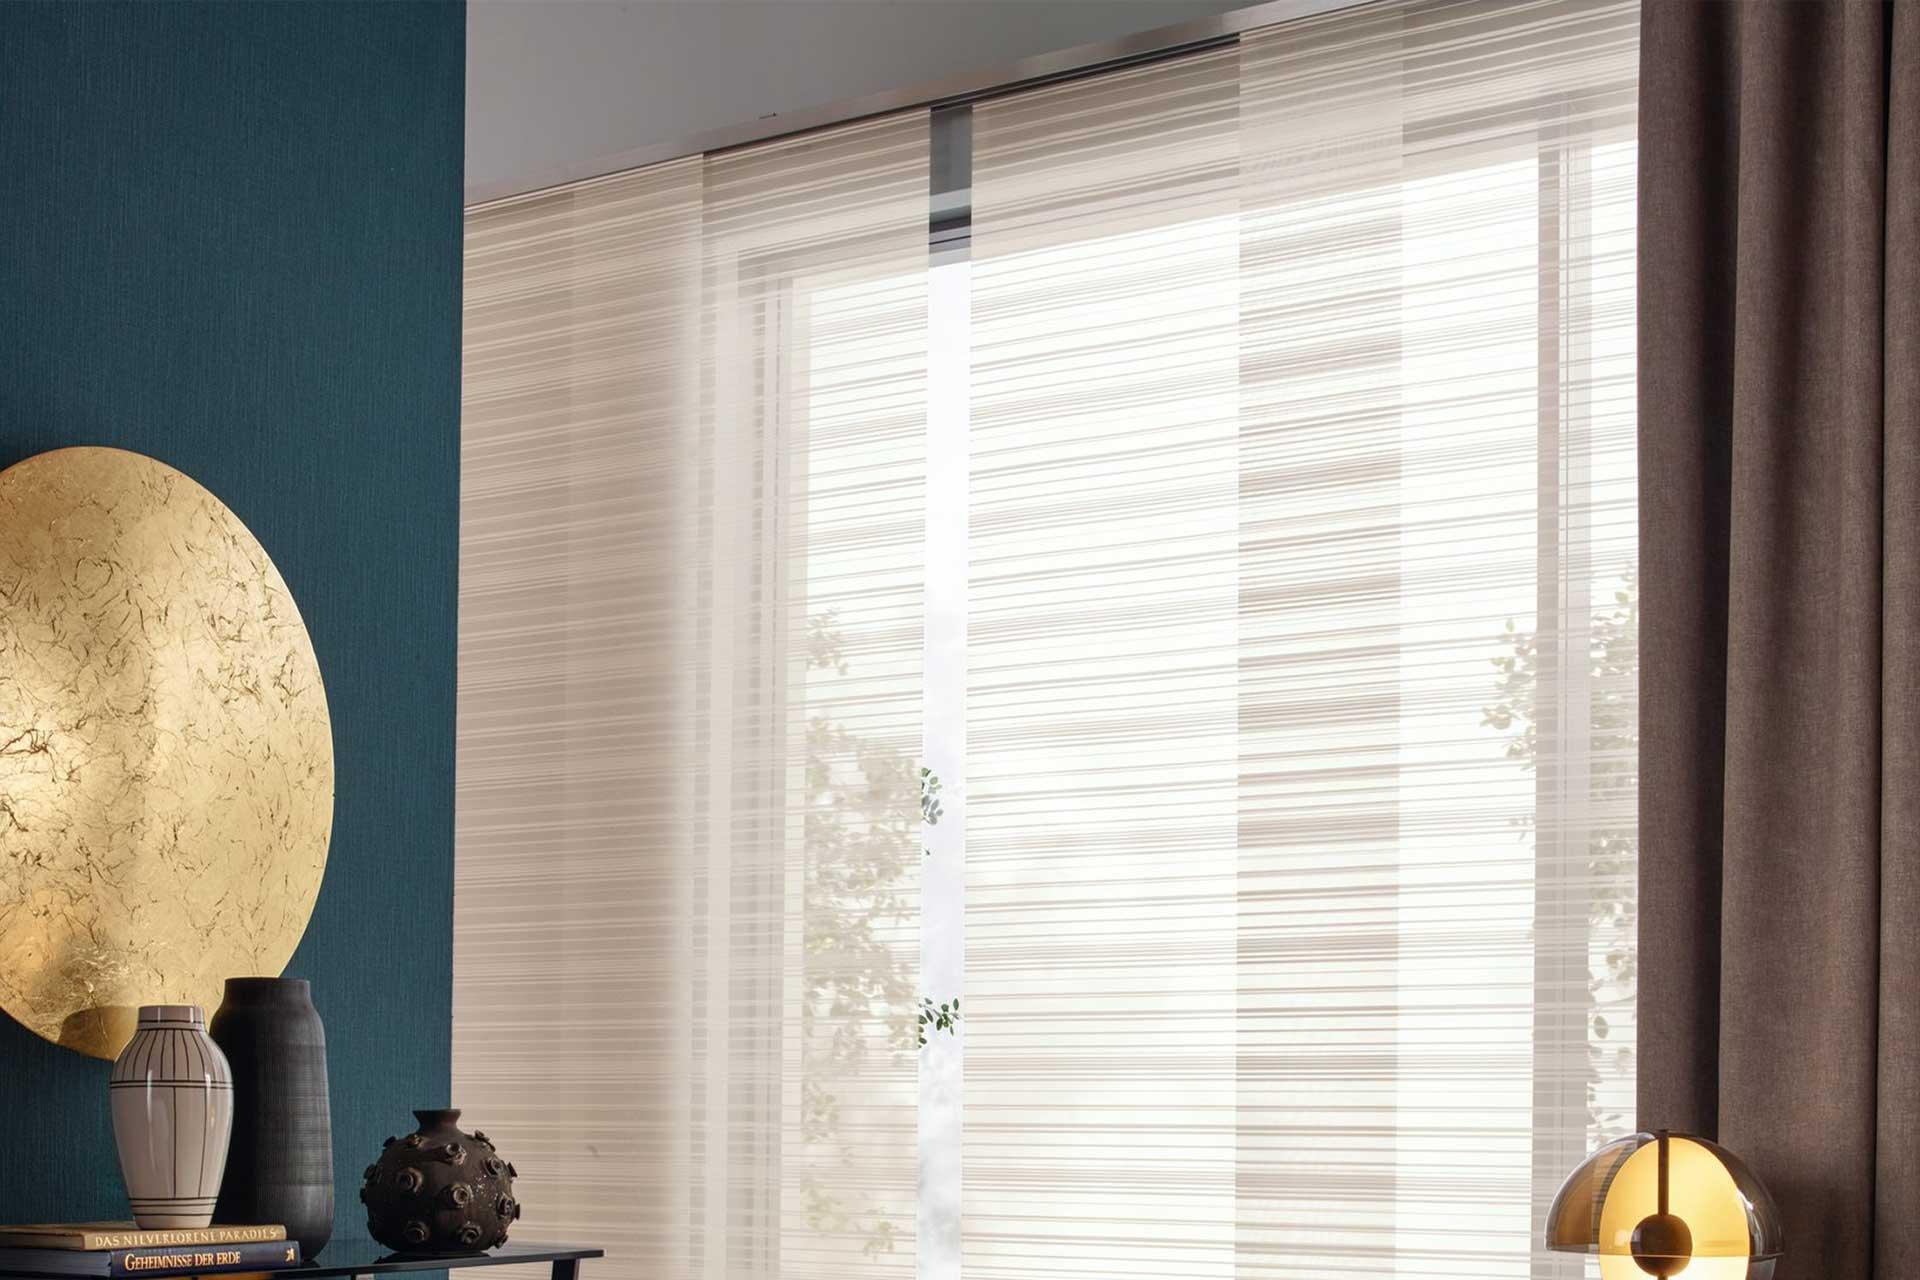 jab-anstoetz_telscher-raumausstattung_fensterdekoration_apart_ps2070-070_m Fensterdekoration